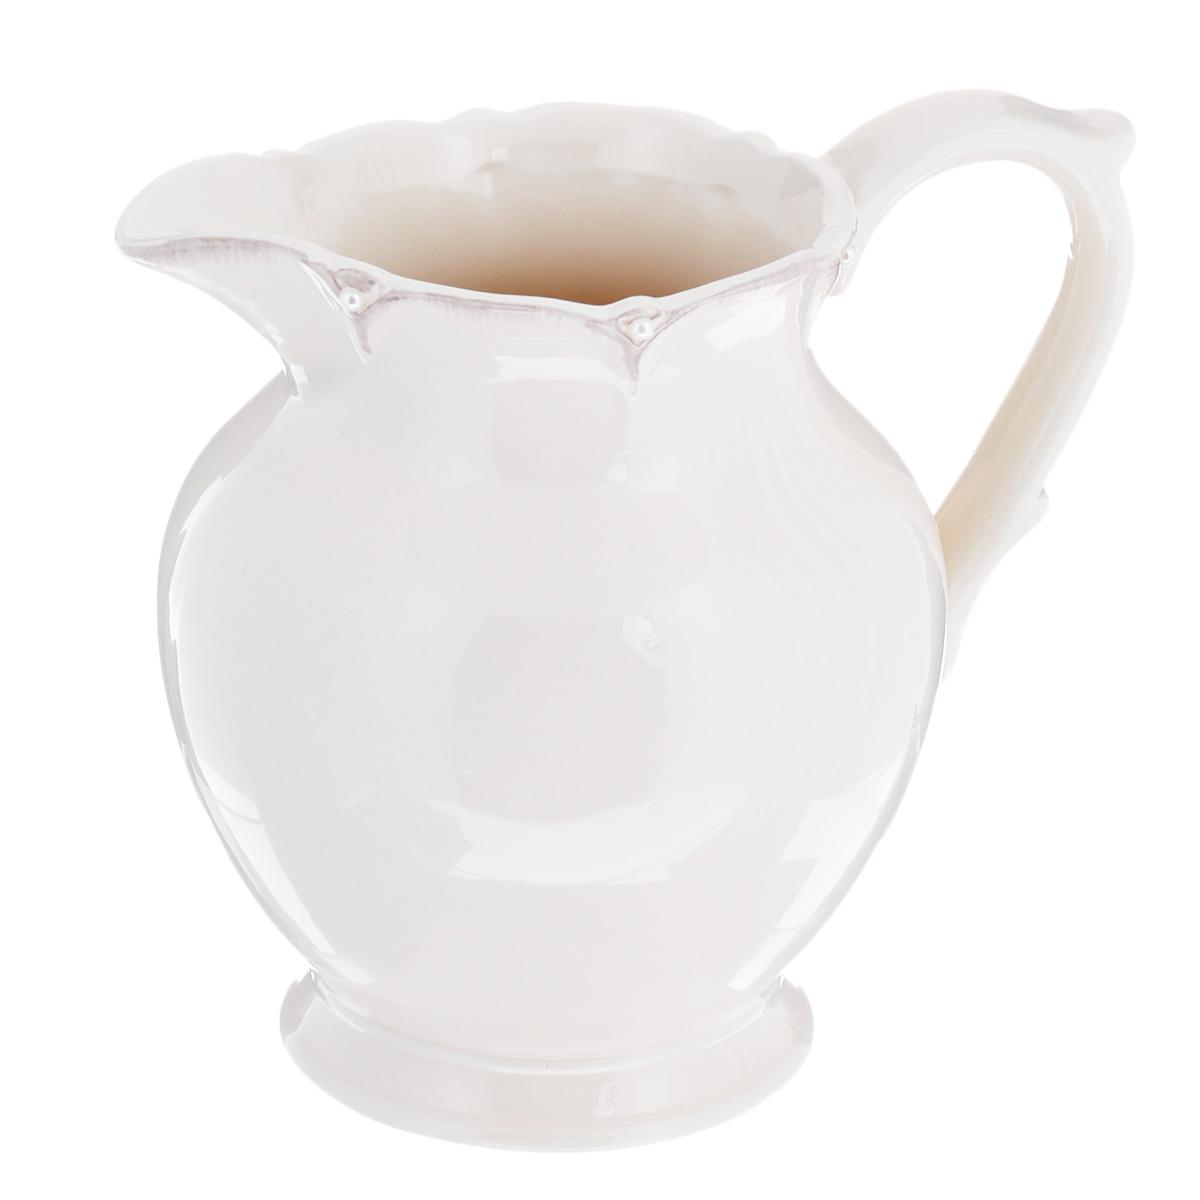 Кувшин Lillo Ideal, цвет: молочный, 1 л214954Кувшин Lillo Ideal изготовлен из высококачественной керамики и декорирован полубусинами под жемчуг. В нем будет удобно хранить молоко, соки или воду. Оригинальный дизайн кувшина позволит украсить любую кухню, внеся разнообразие, как в строгий классический стиль, так и в современный кухонный интерьер. Не использовать в посудомоечной машине и микроволновой печи.